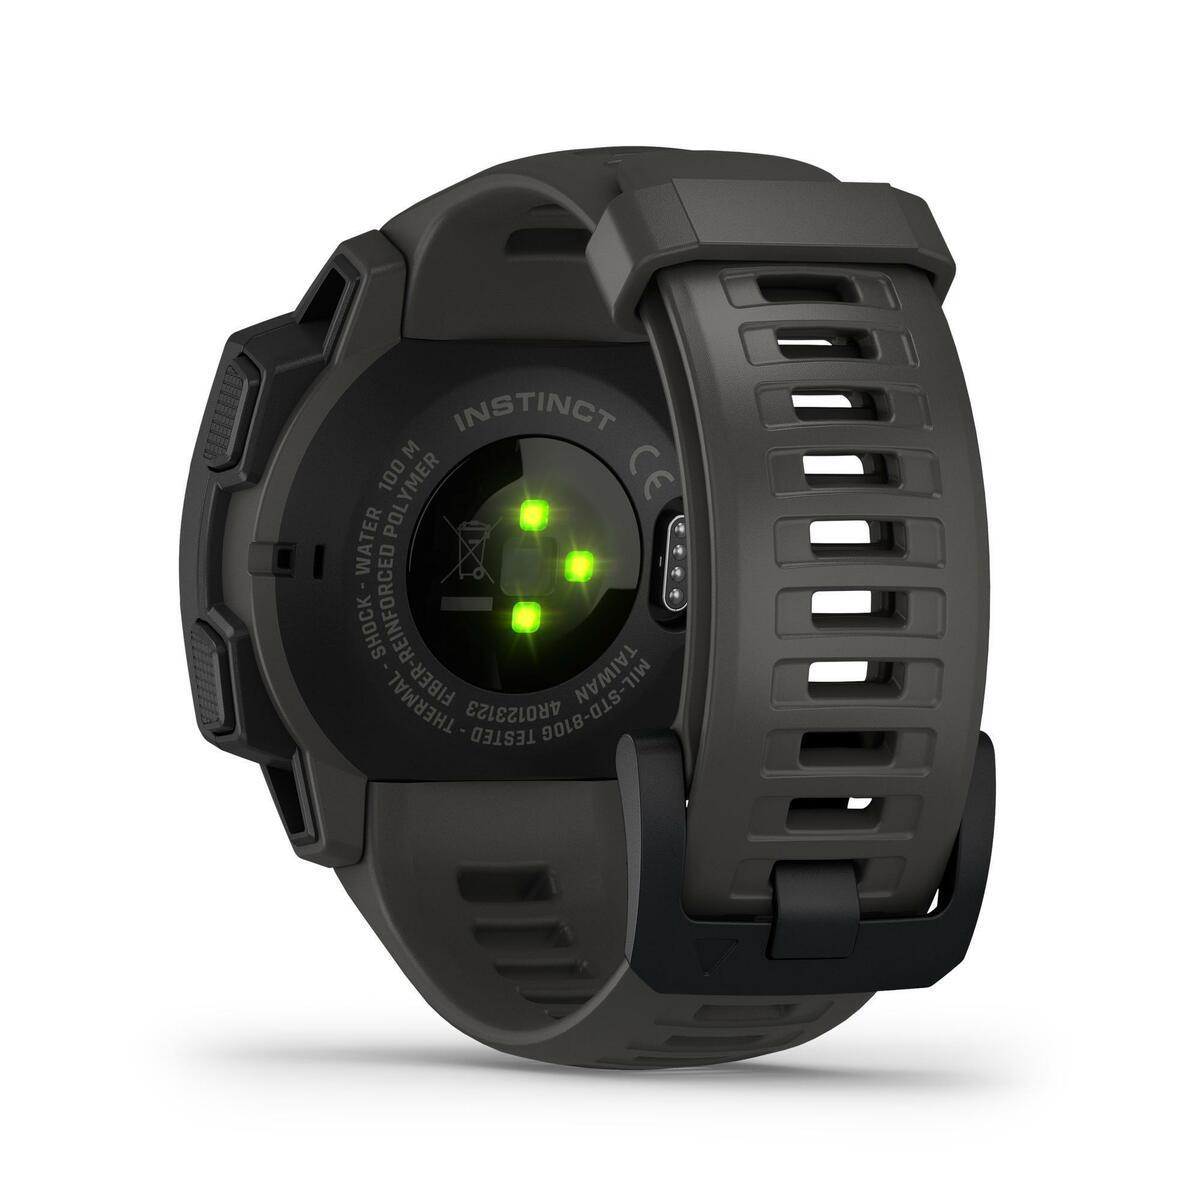 Bild 3 von GPS-Uhr Multisport Instinct